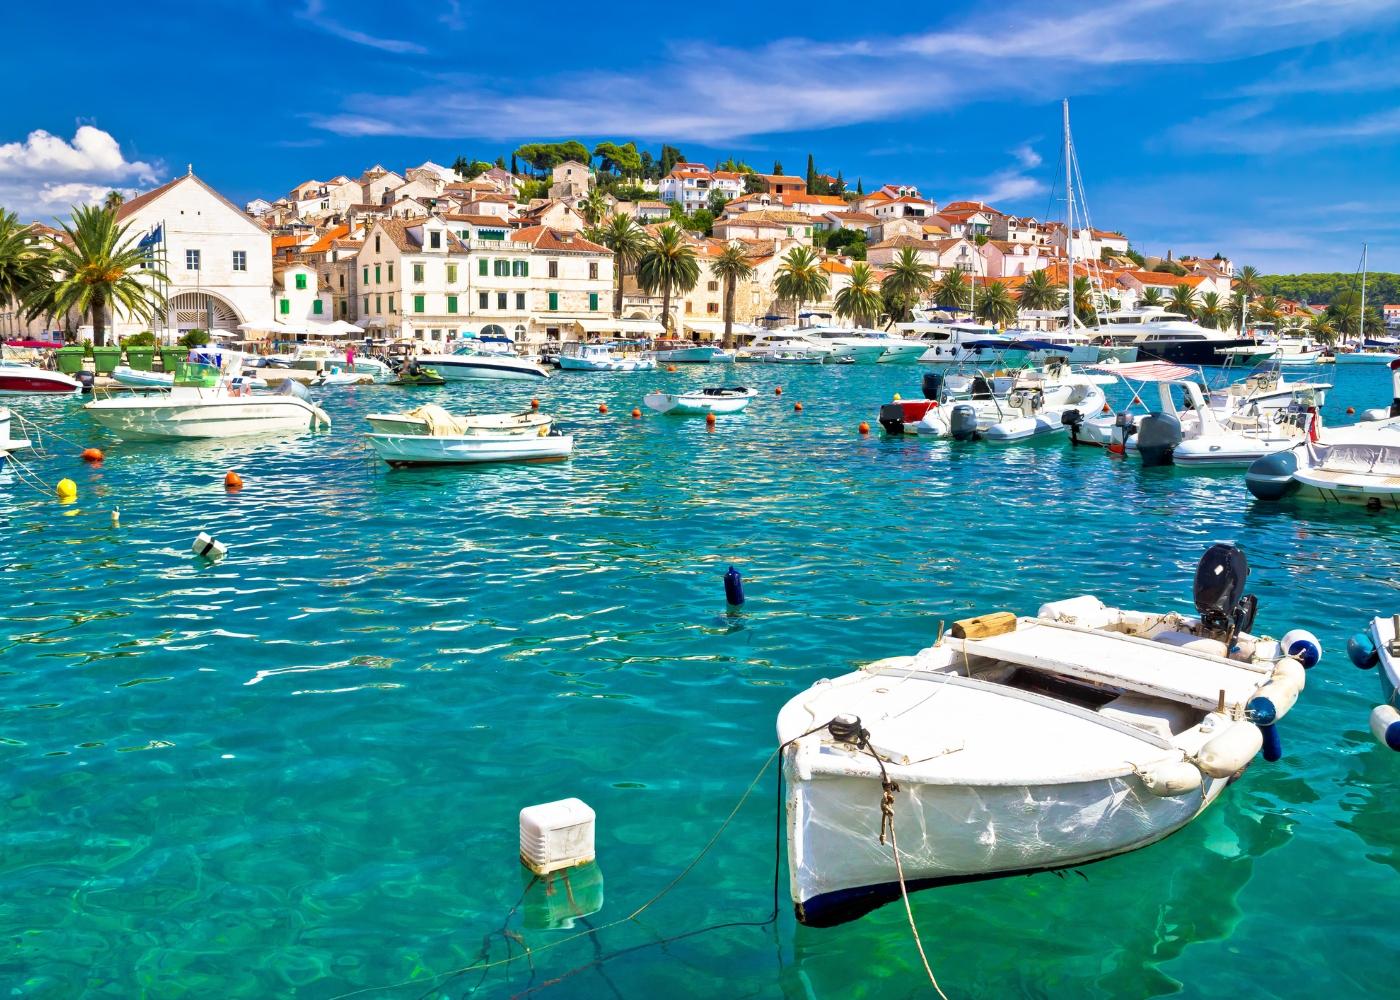 vista sobre a ilha Hvar na Croácia